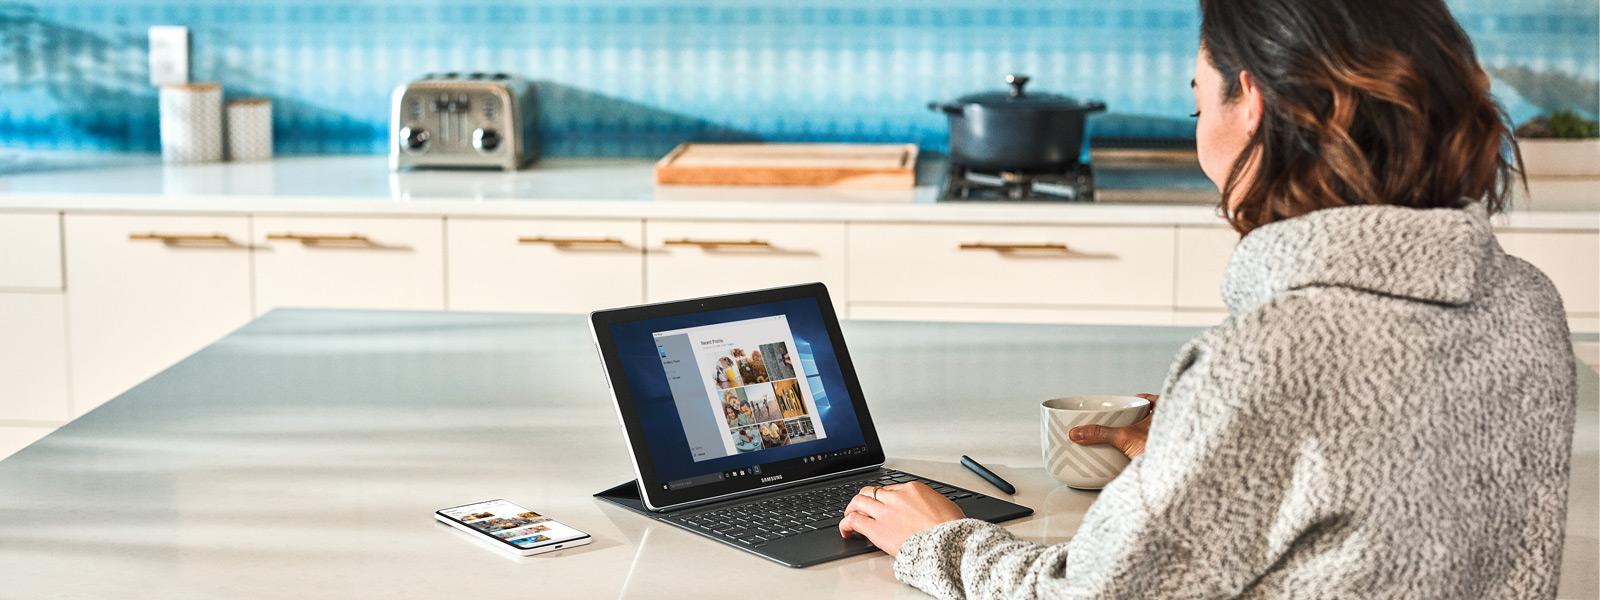 Eine Frau sitzt am Küchentisch und verwendet einen Windows 10-Laptop-Computer zusammen mit ihrem Mobiltelefon.